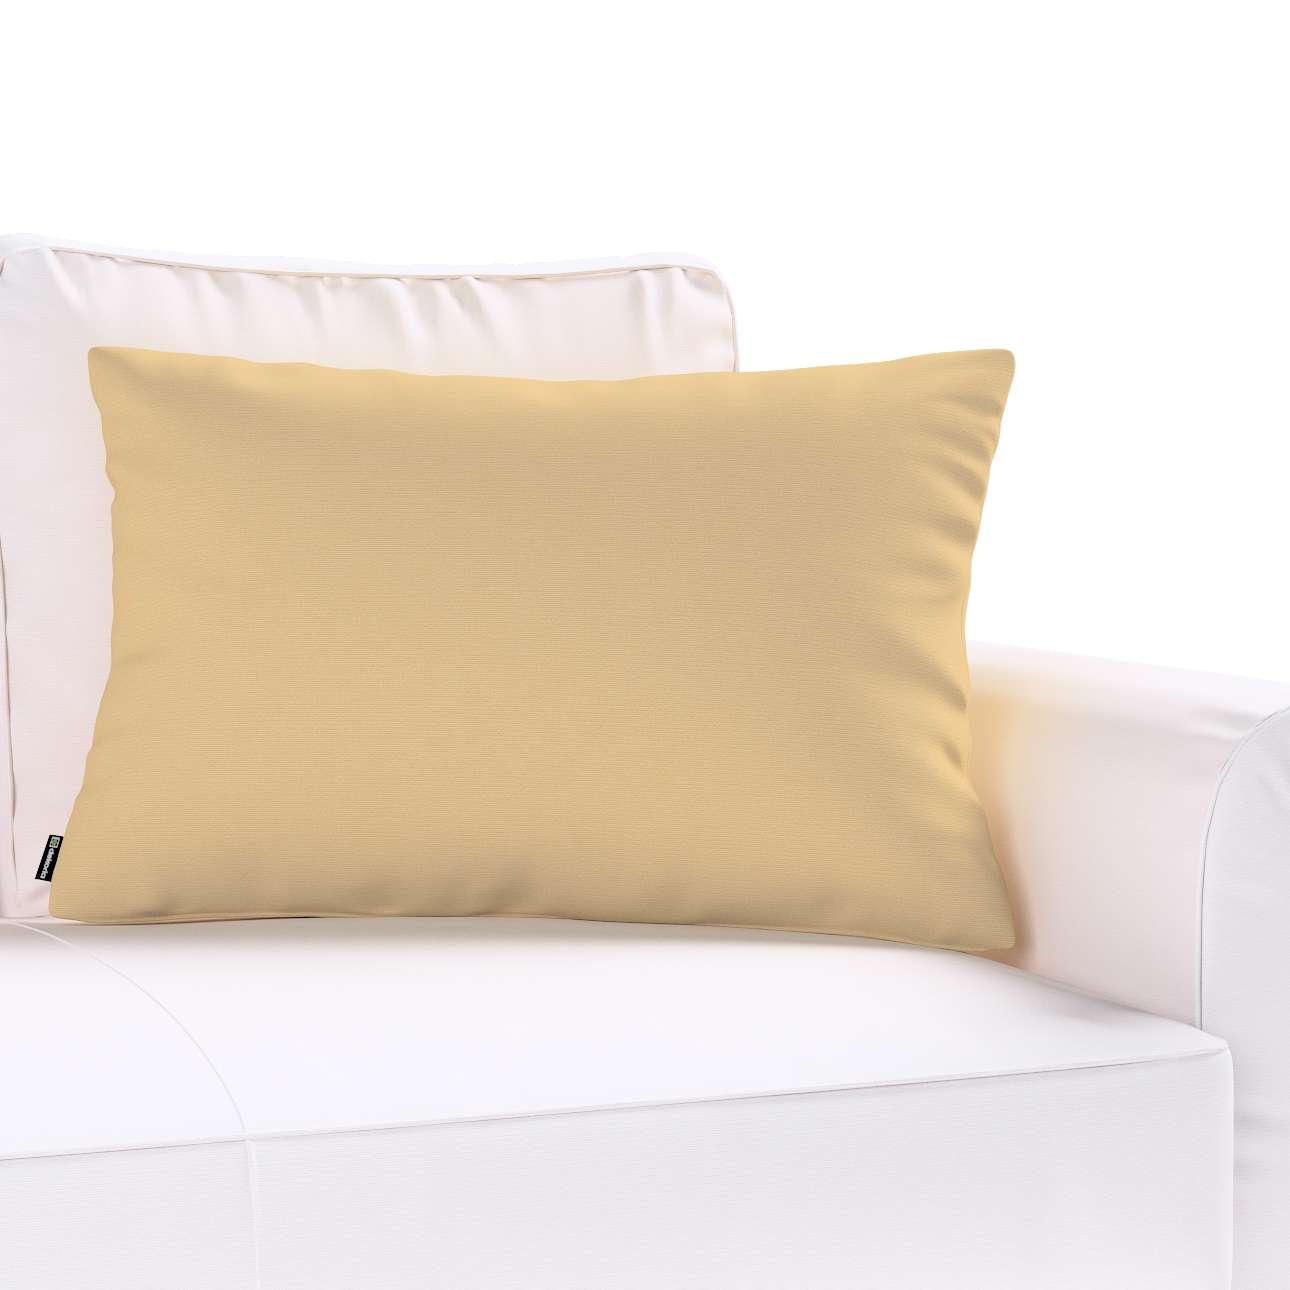 Kinga dekoratyvinės pagalvėlės užvalkalas 60x40cm 60x40cm kolekcijoje Cotton Panama, audinys: 702-01